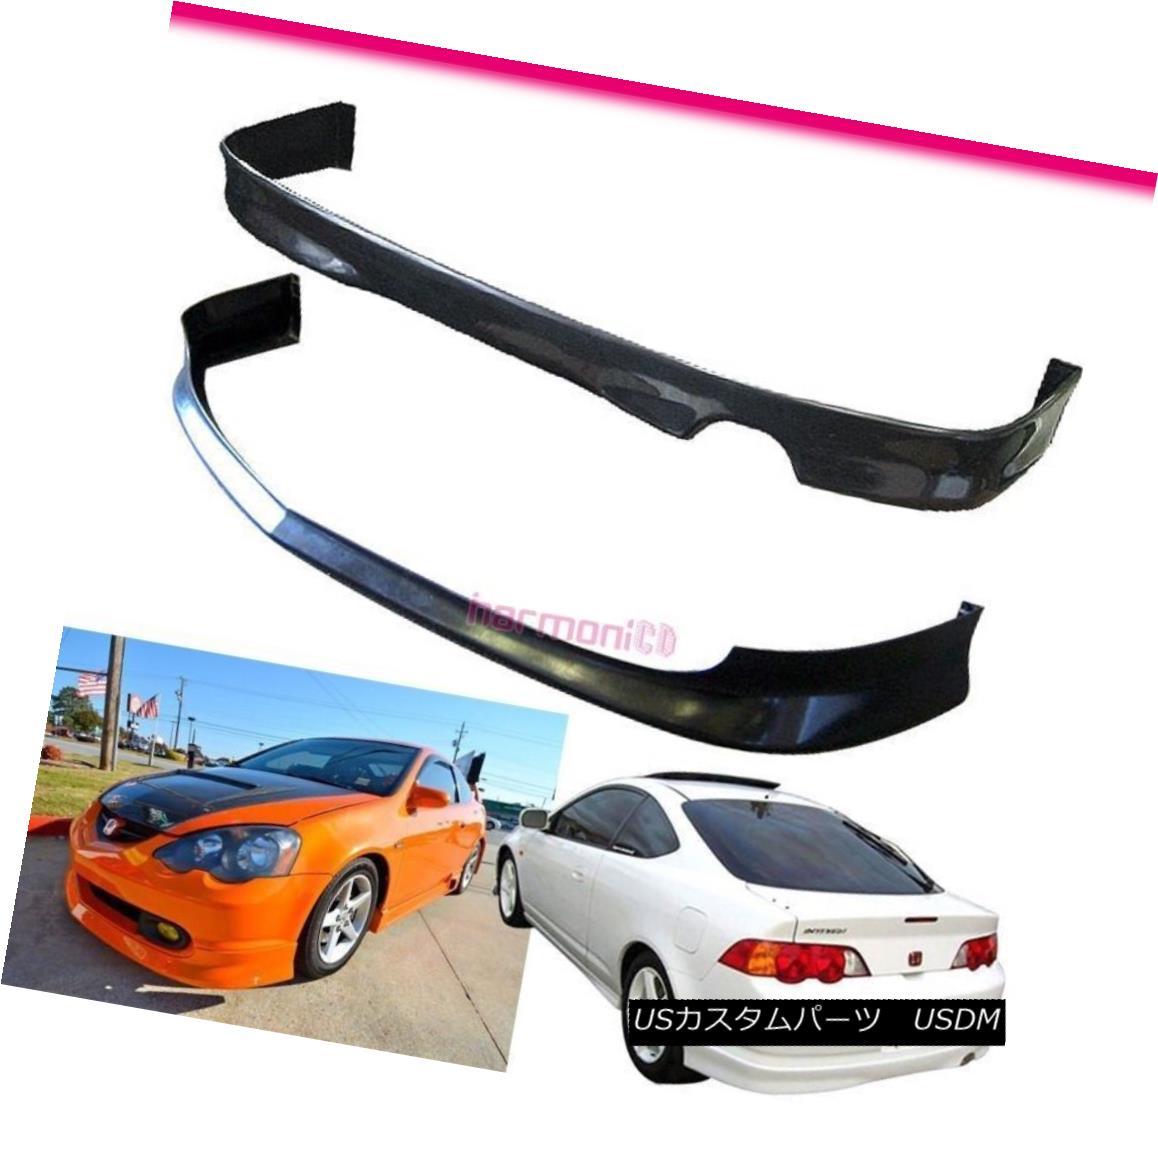 エアロパーツ Fits 2002-2004 Acura RSX 2Dr PU Front+Rear Bumper Lip JDM Style フィット2002-2004 Acura RSX 2Dr PUフロント+リアバンパーリップJDMスタイル